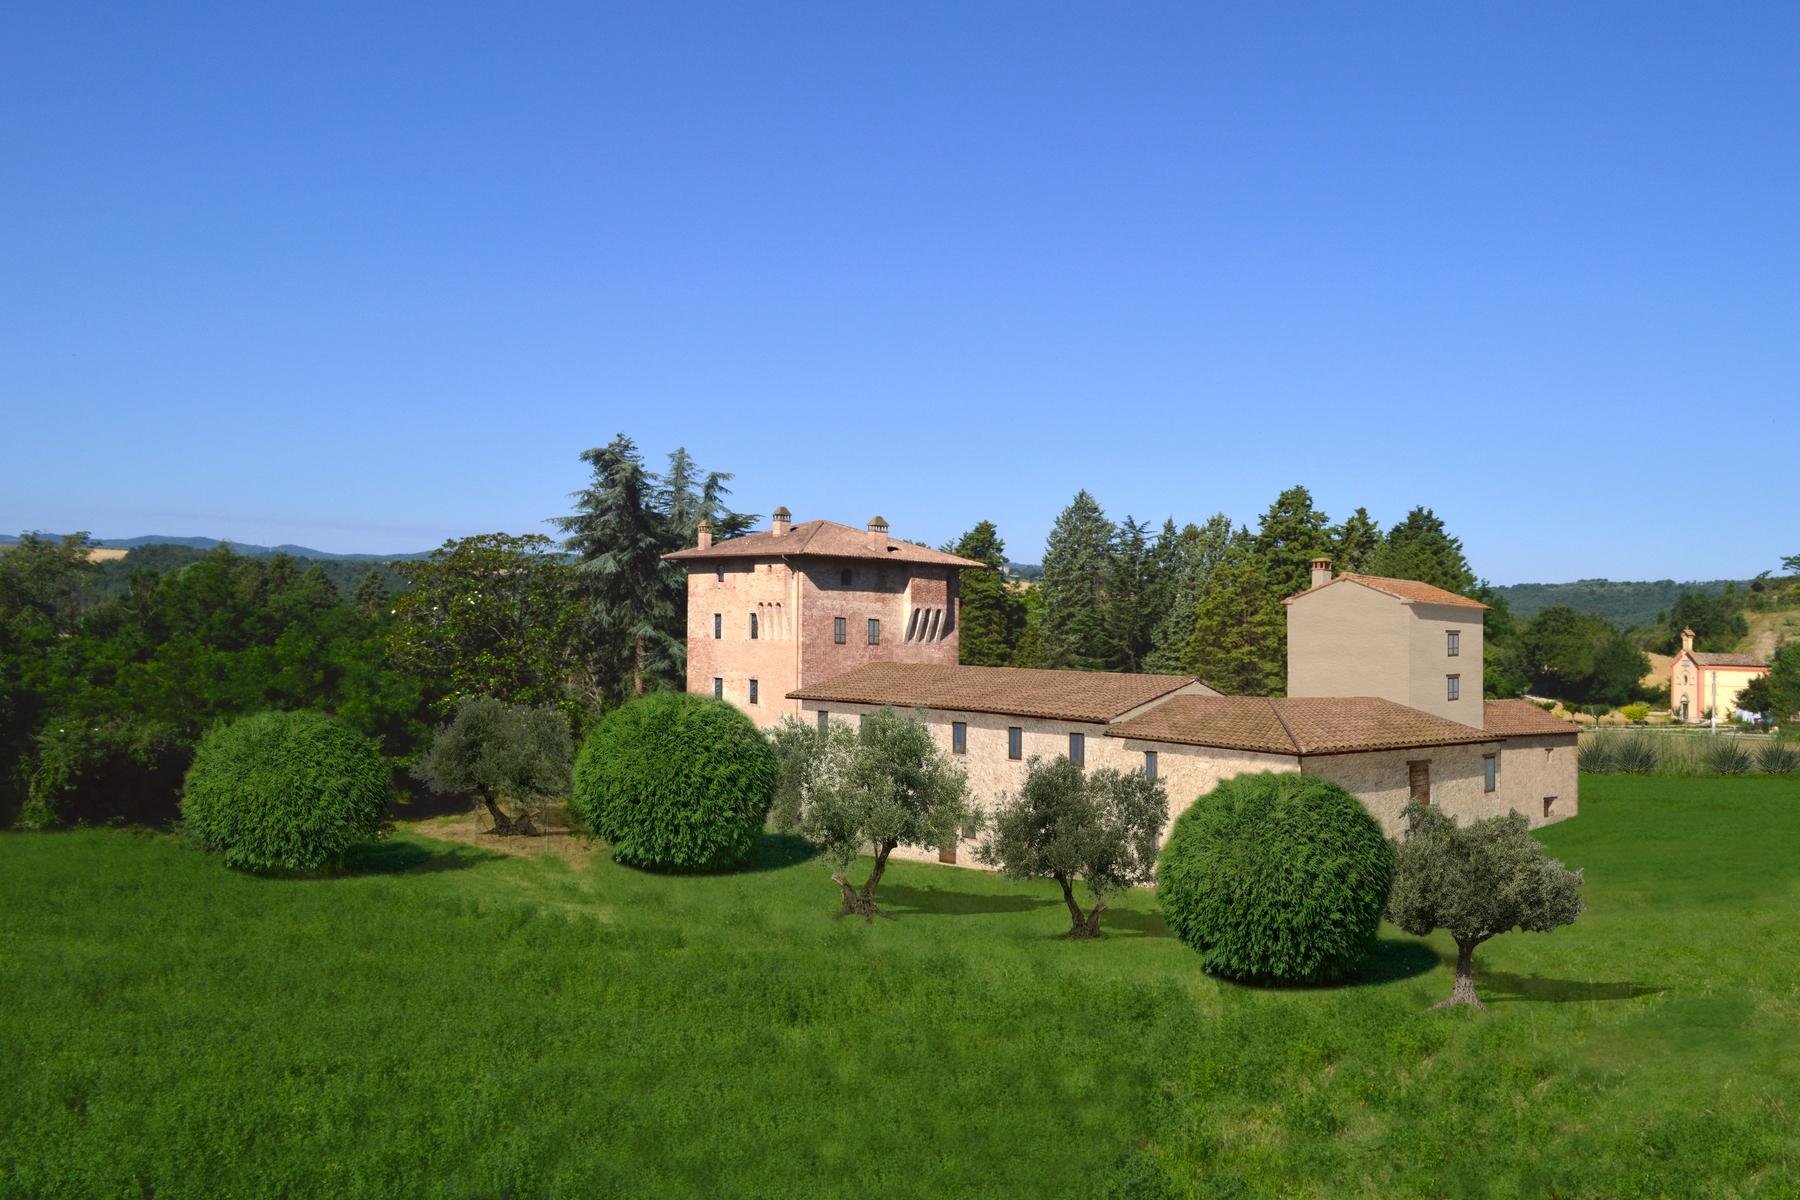 Rustico in Vendita a Marsciano: 5 locali, 1500 mq